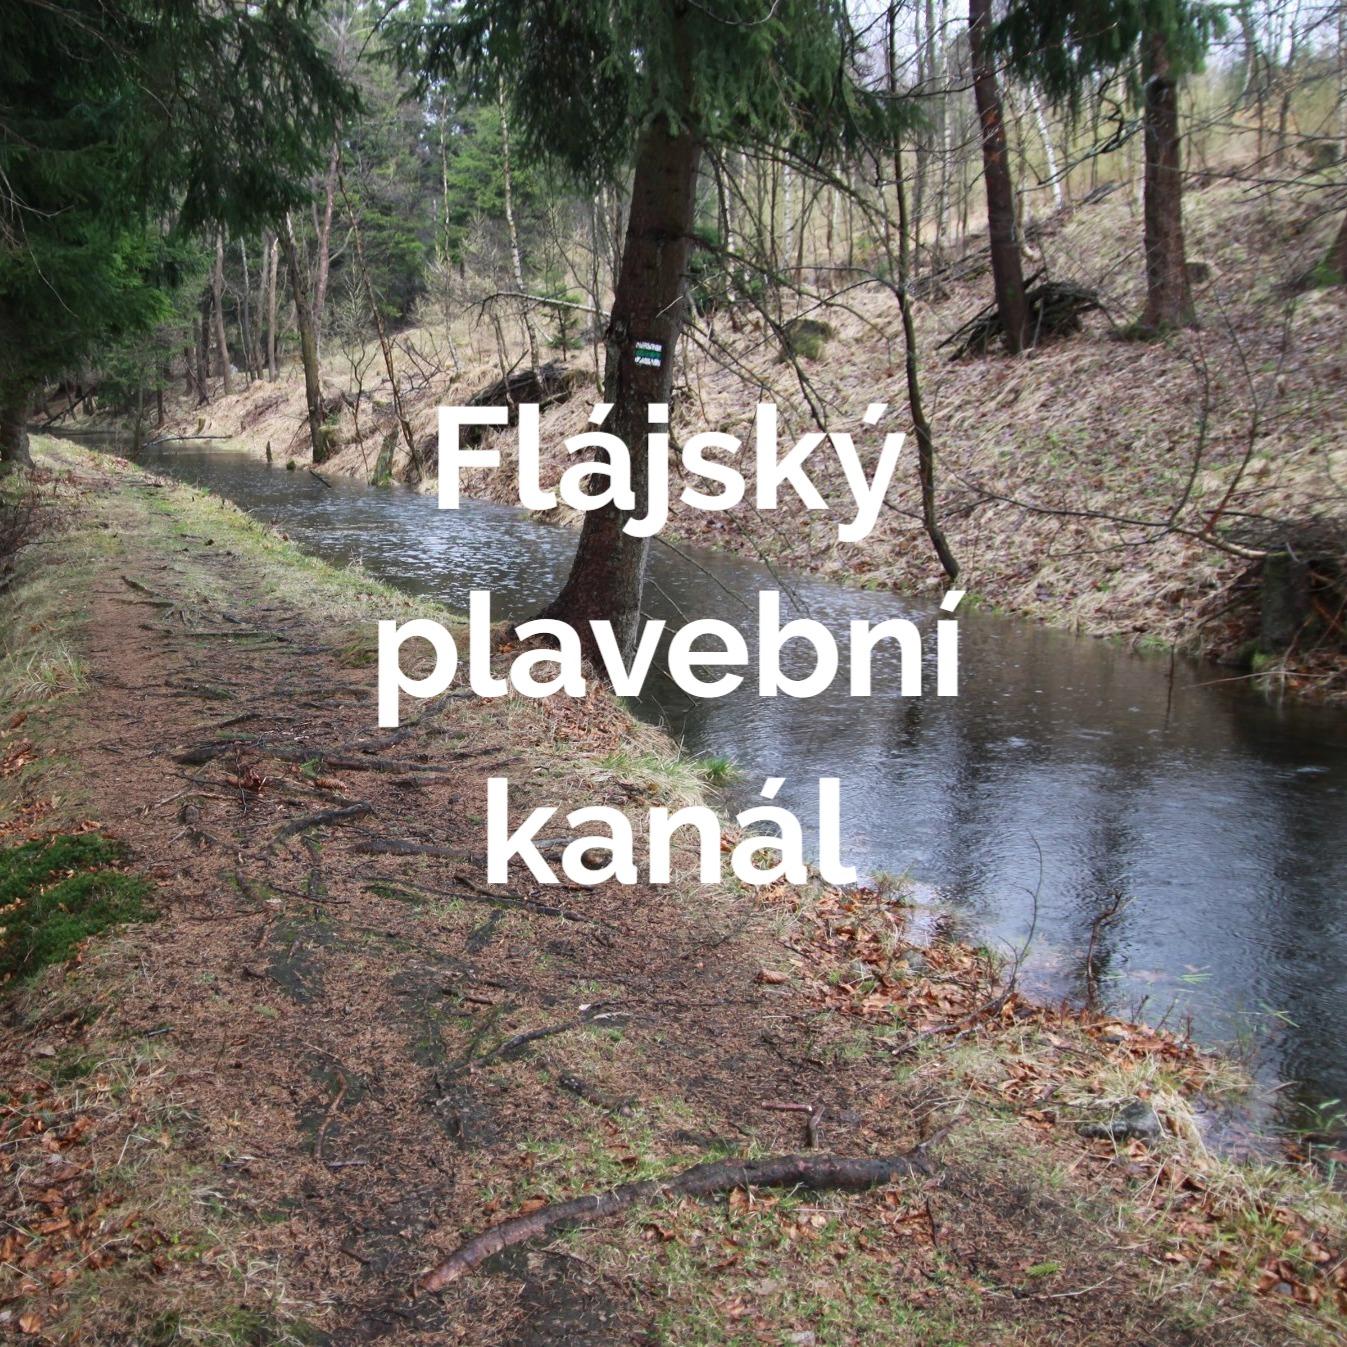 Flájský plavení kanál